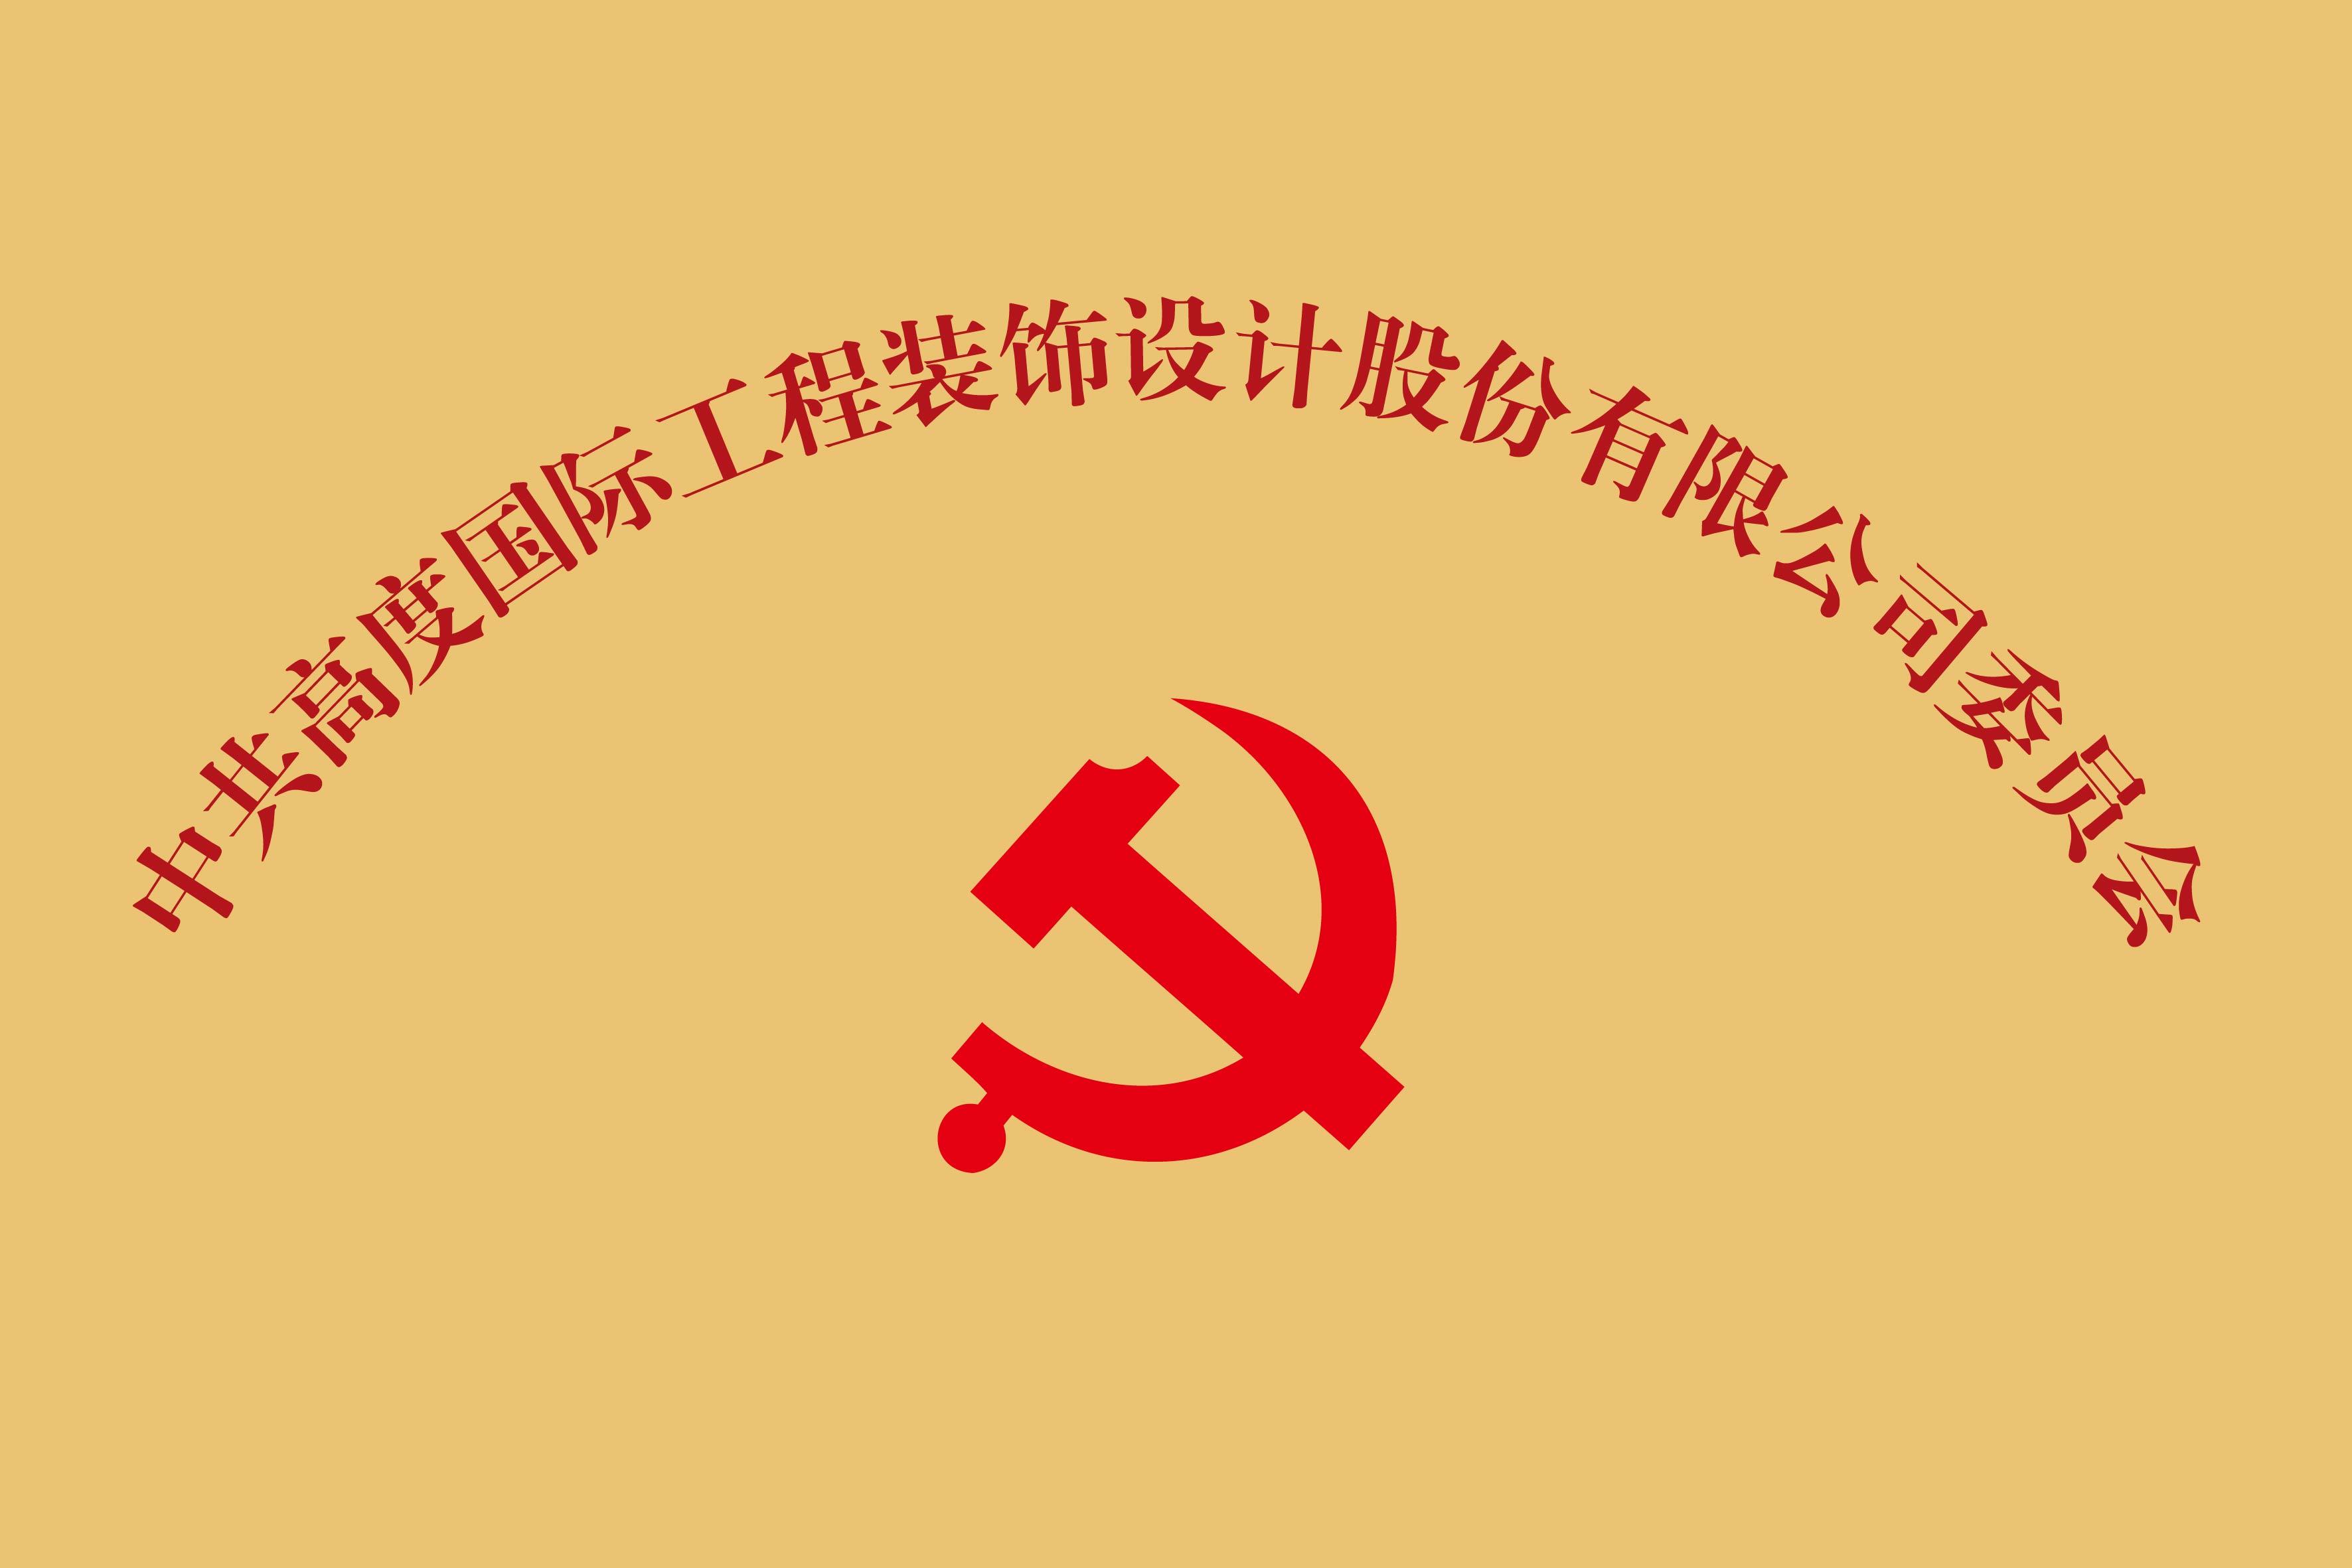 中共高度国际工程装饰设计股份有限公司委员会